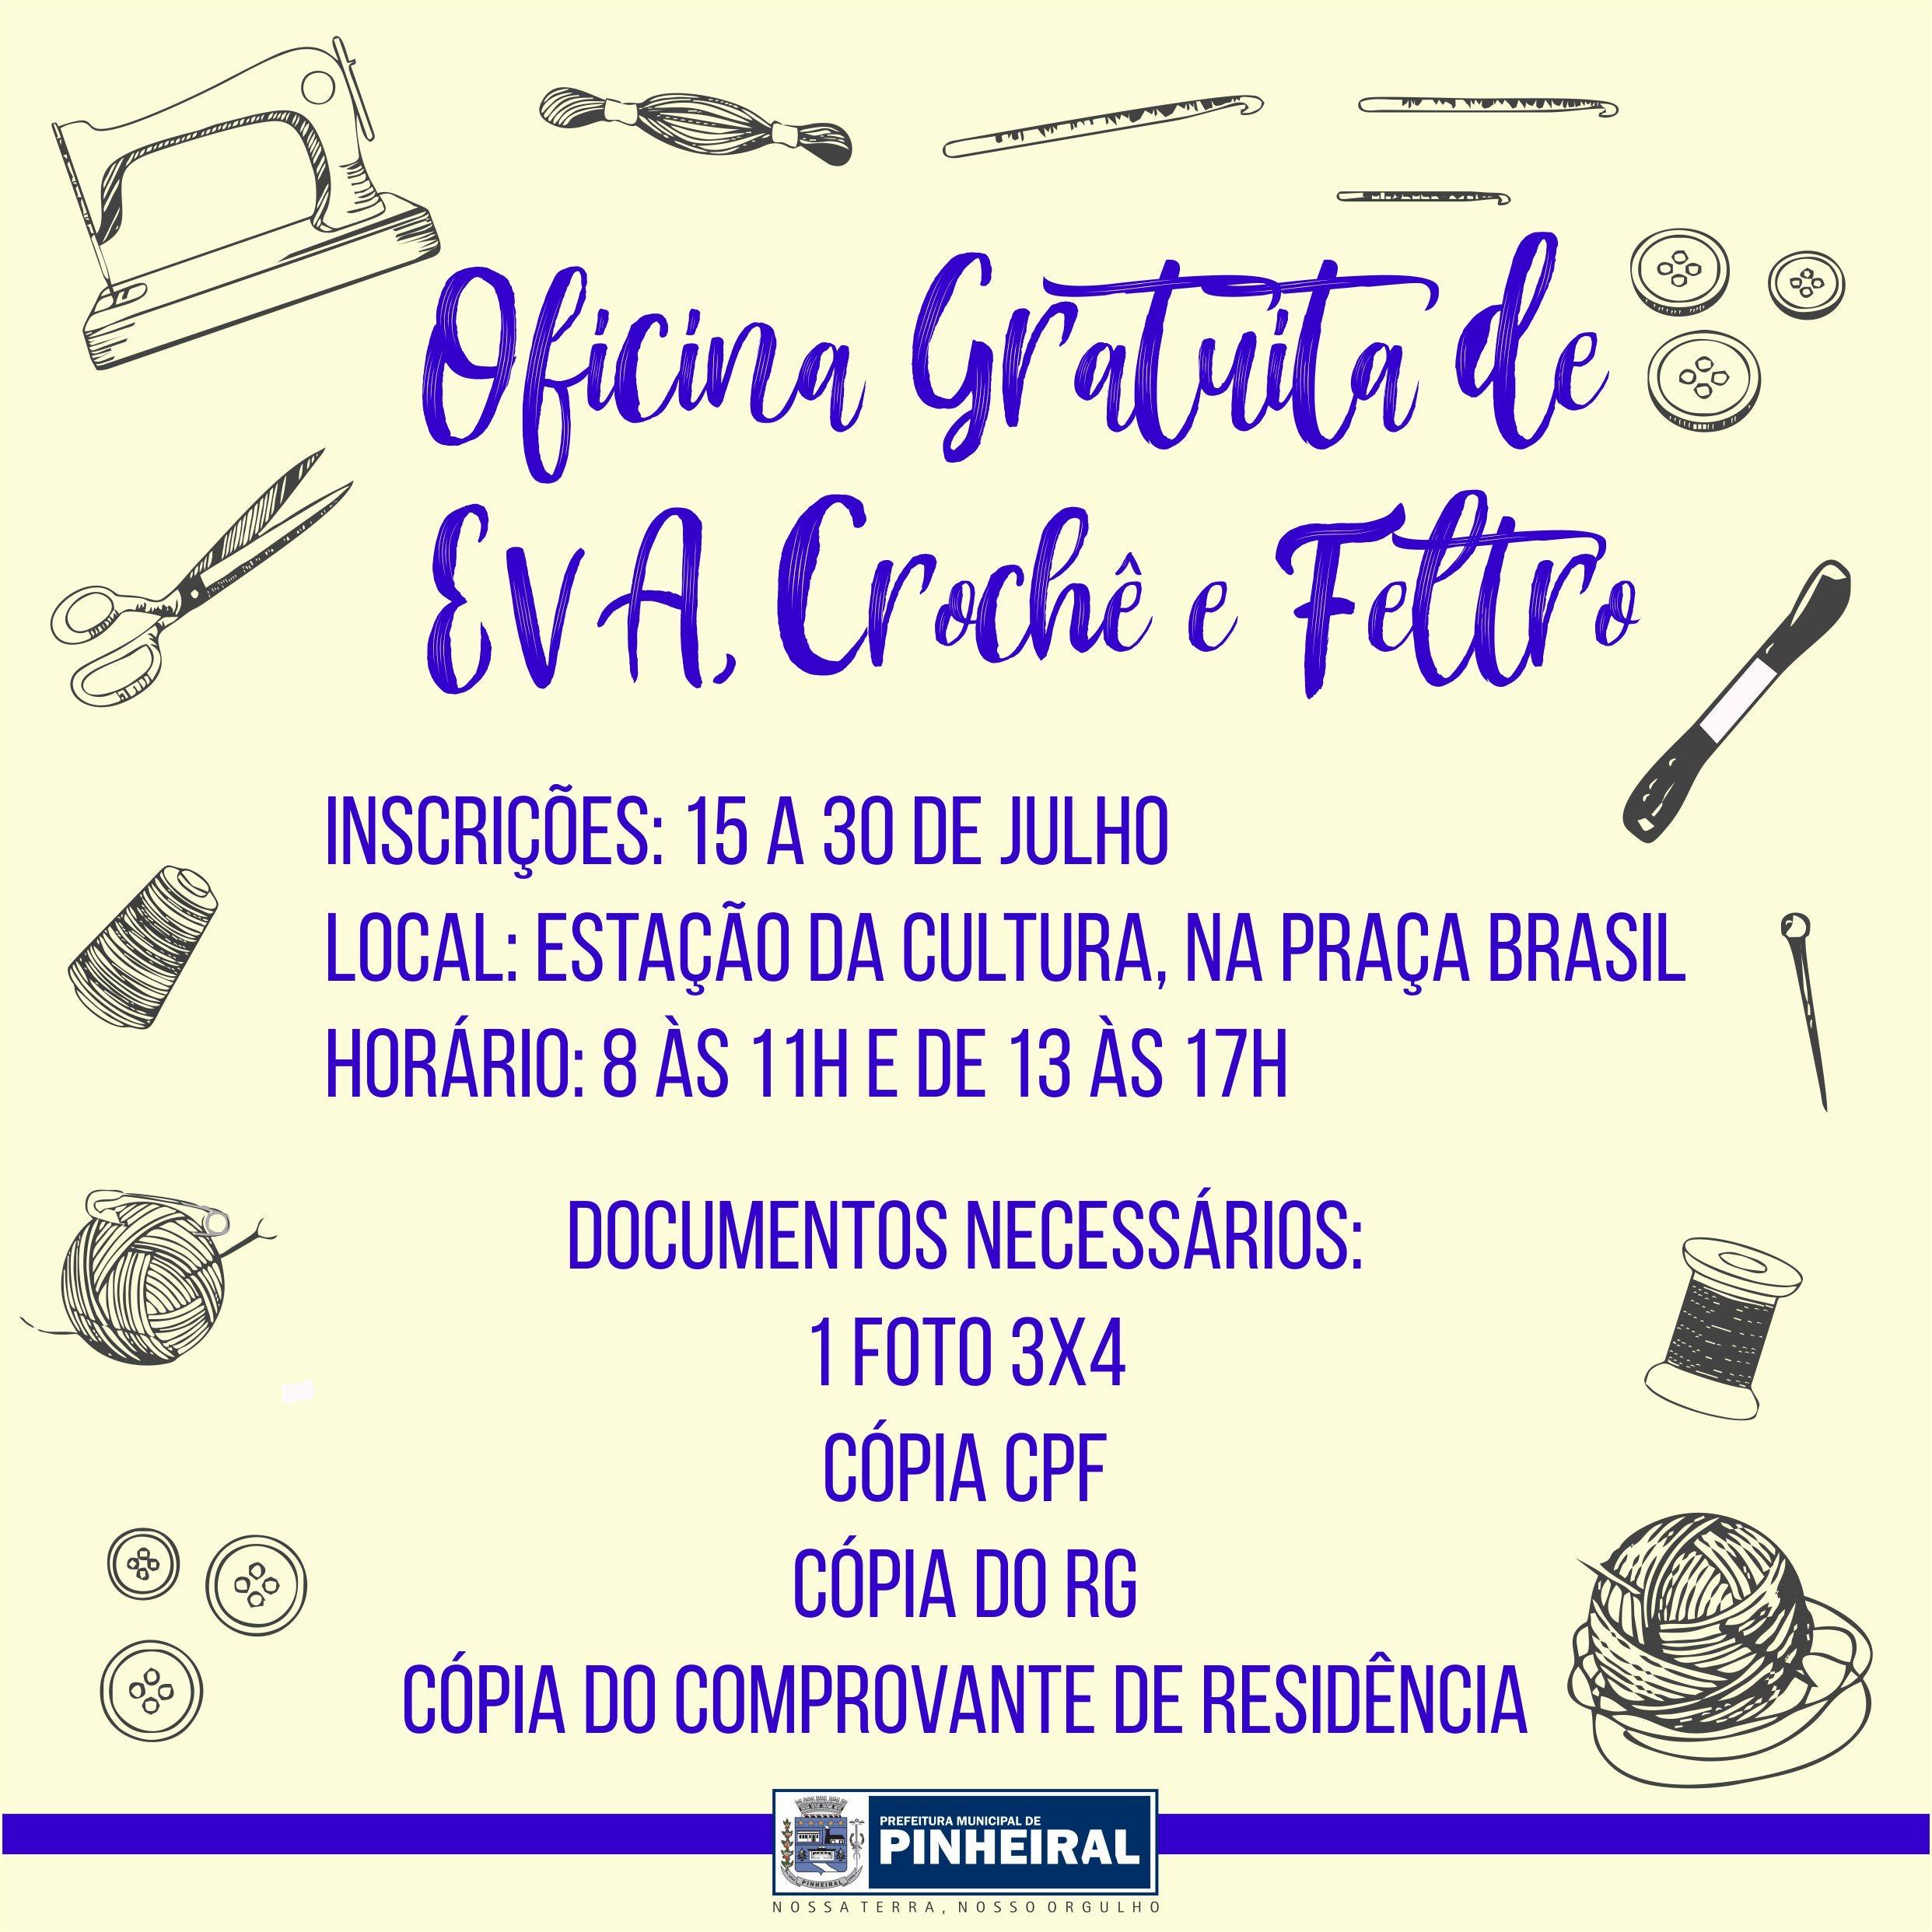 Oficina gratuita de EVA, crochê e feltro é oferecida em Pinheiral - Notícias - Plantão Diário